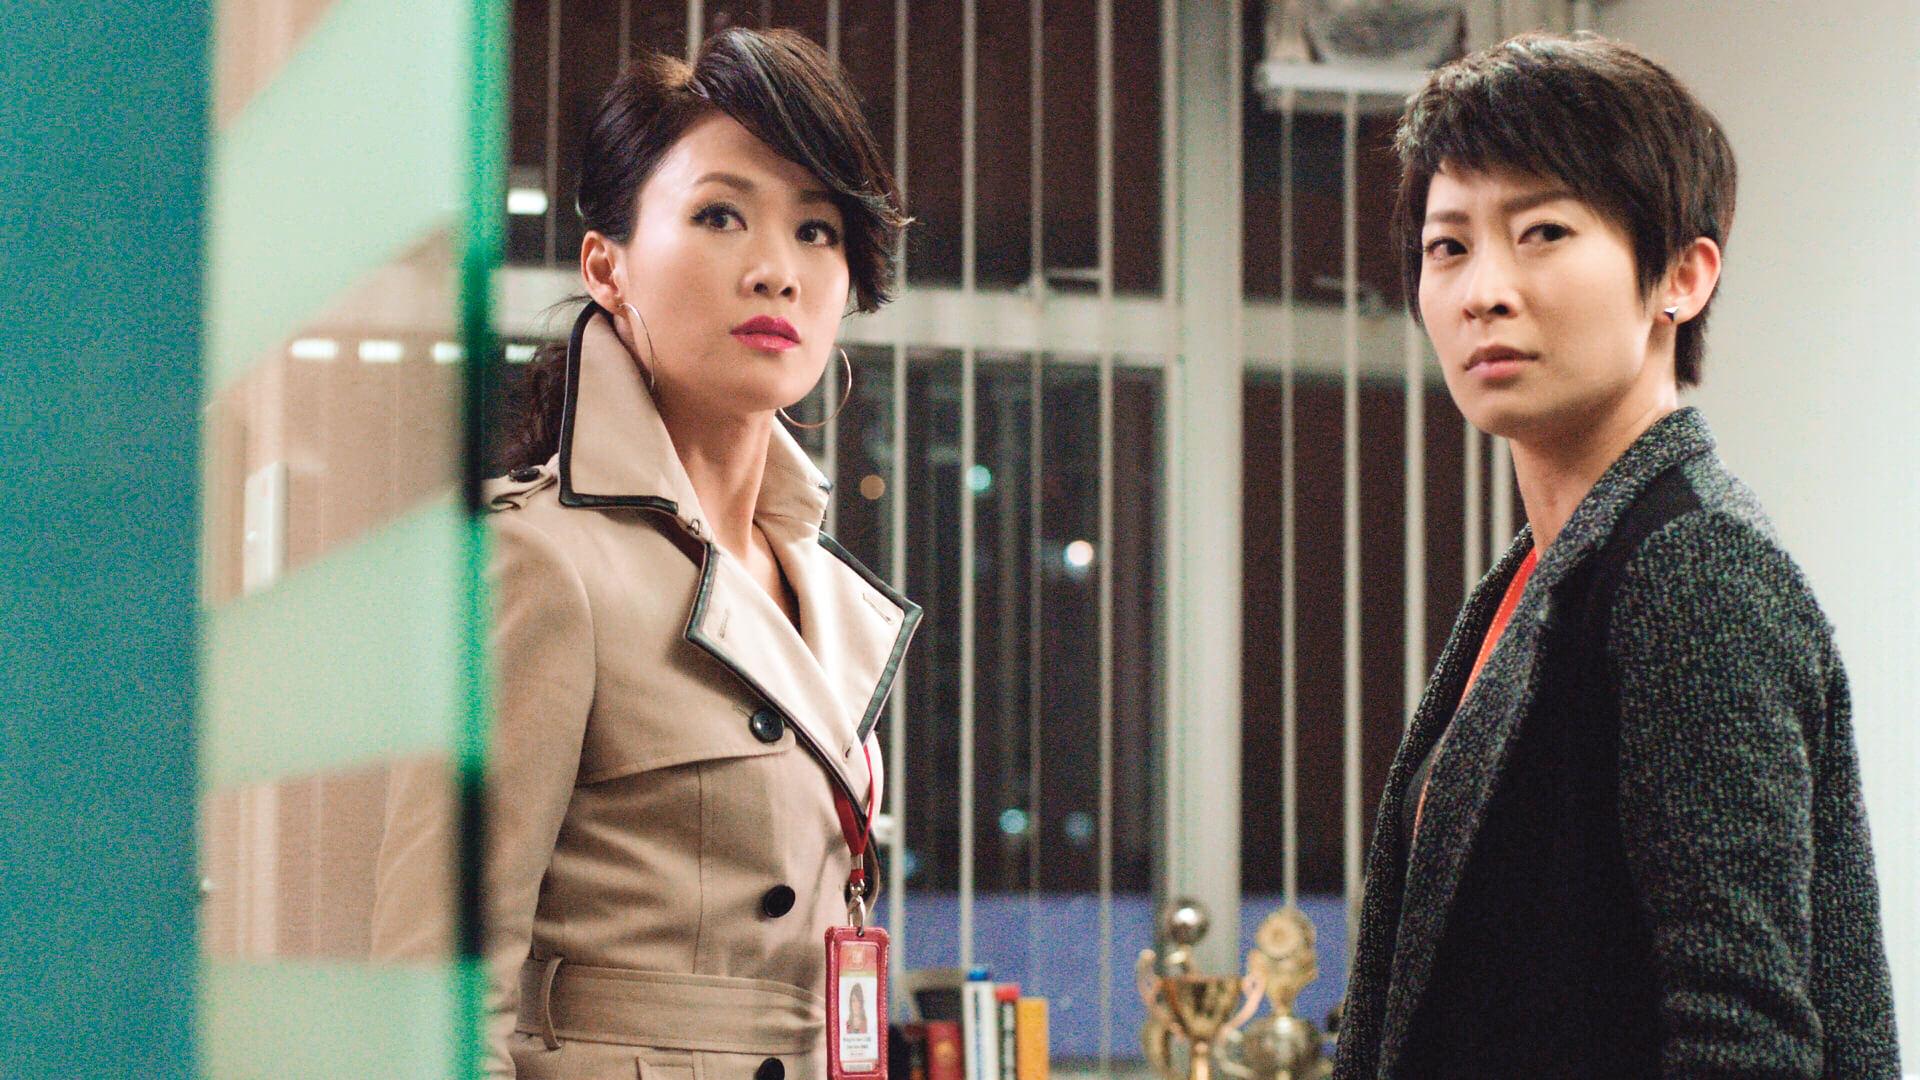 二○一二年轉投王維基的香港電視,於劇集《導火新聞線》首次擔當女主角。